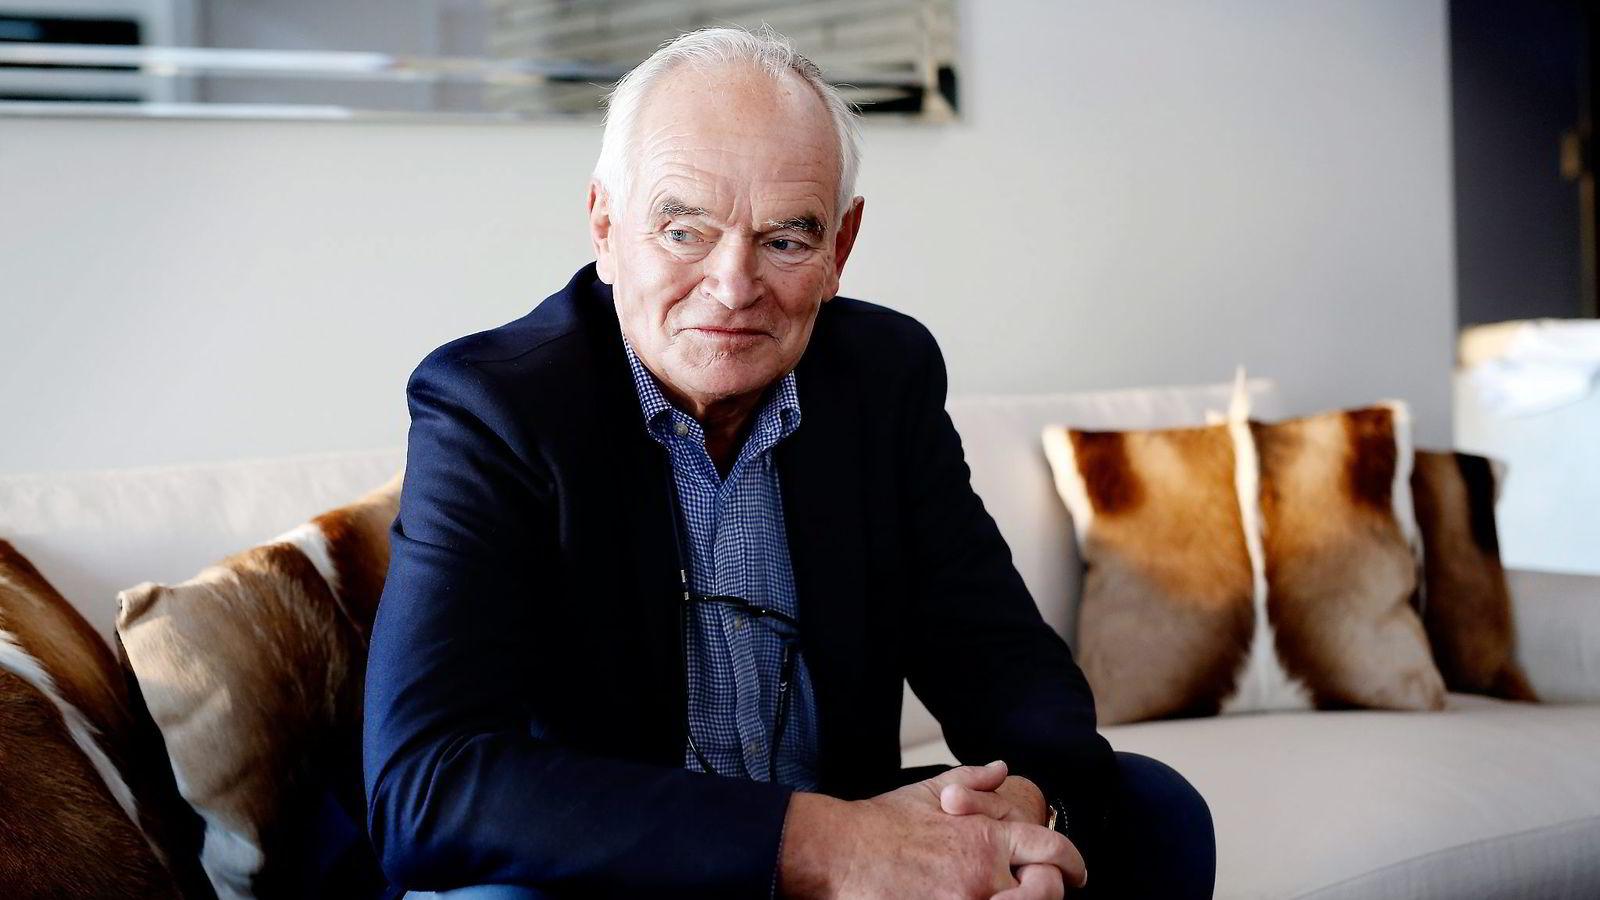 Trond Mohn måtte i 2015 ta et valutatap på 528 millioner kroner i regnskapet for datterselskapet Wimoh. Nå er han på inntektstoppen for Norge i 2015. Foto: Kristin Svorte